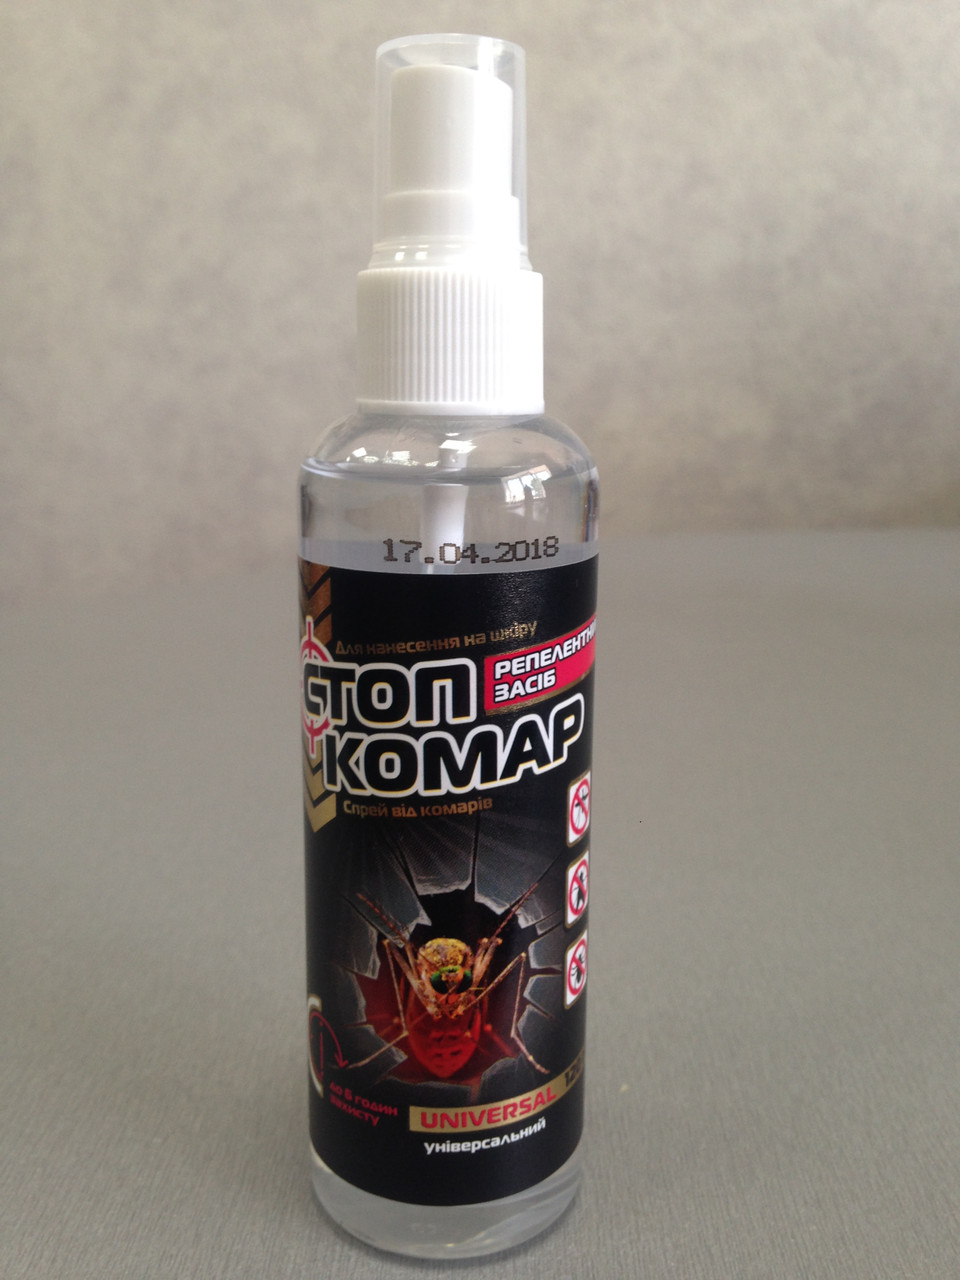 Стоп Комар 120 мл спрей Агромакси (лучшая цена купить оптом и в розницу)